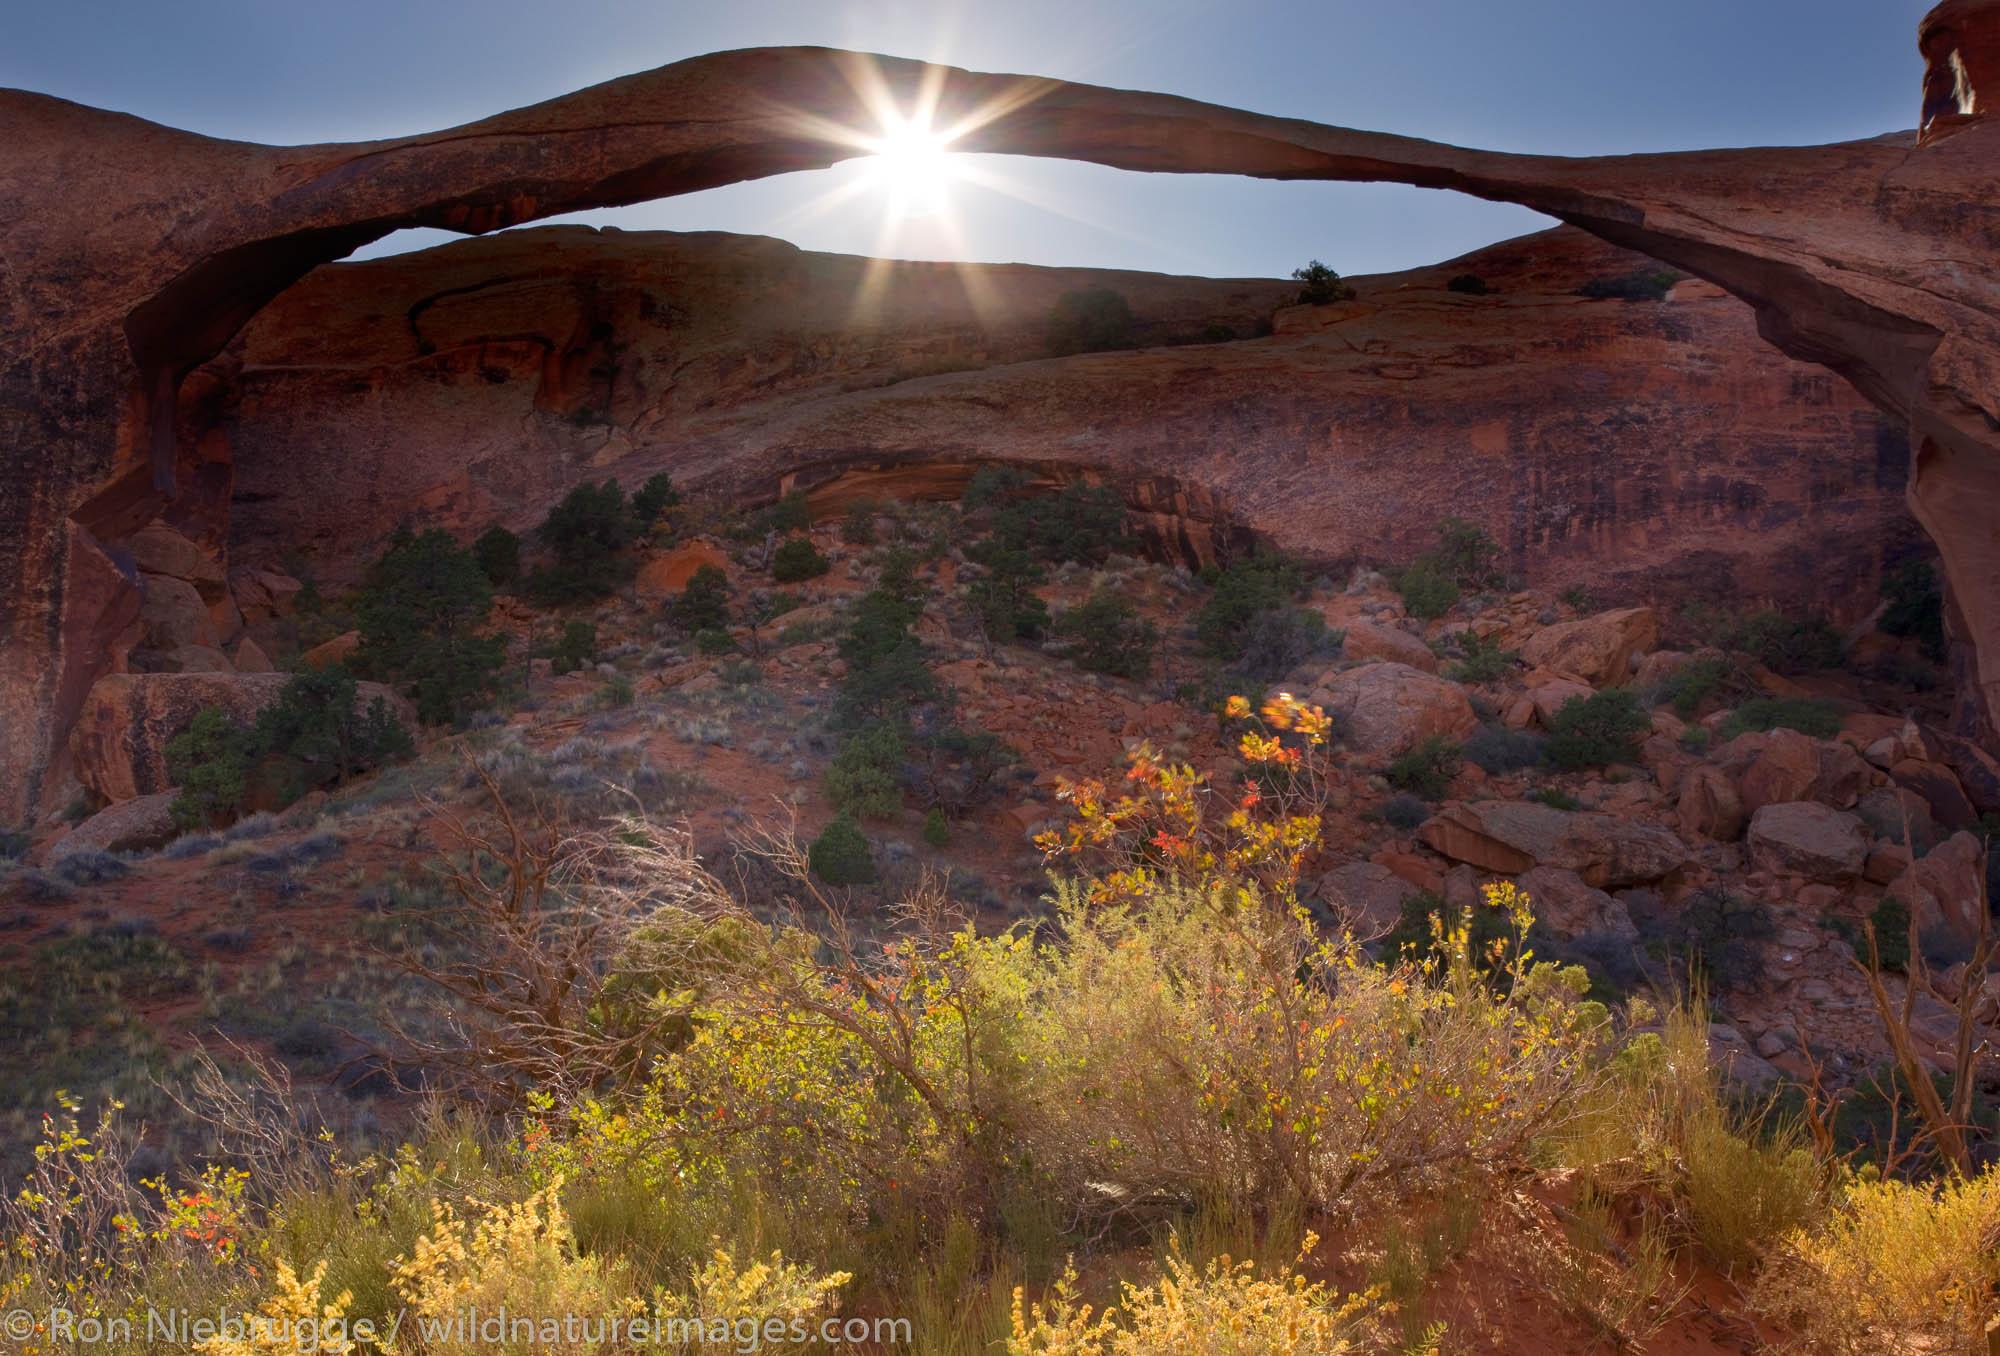 Landscape Arch, Devils Garden, Arches National Park, Moab, Utah.